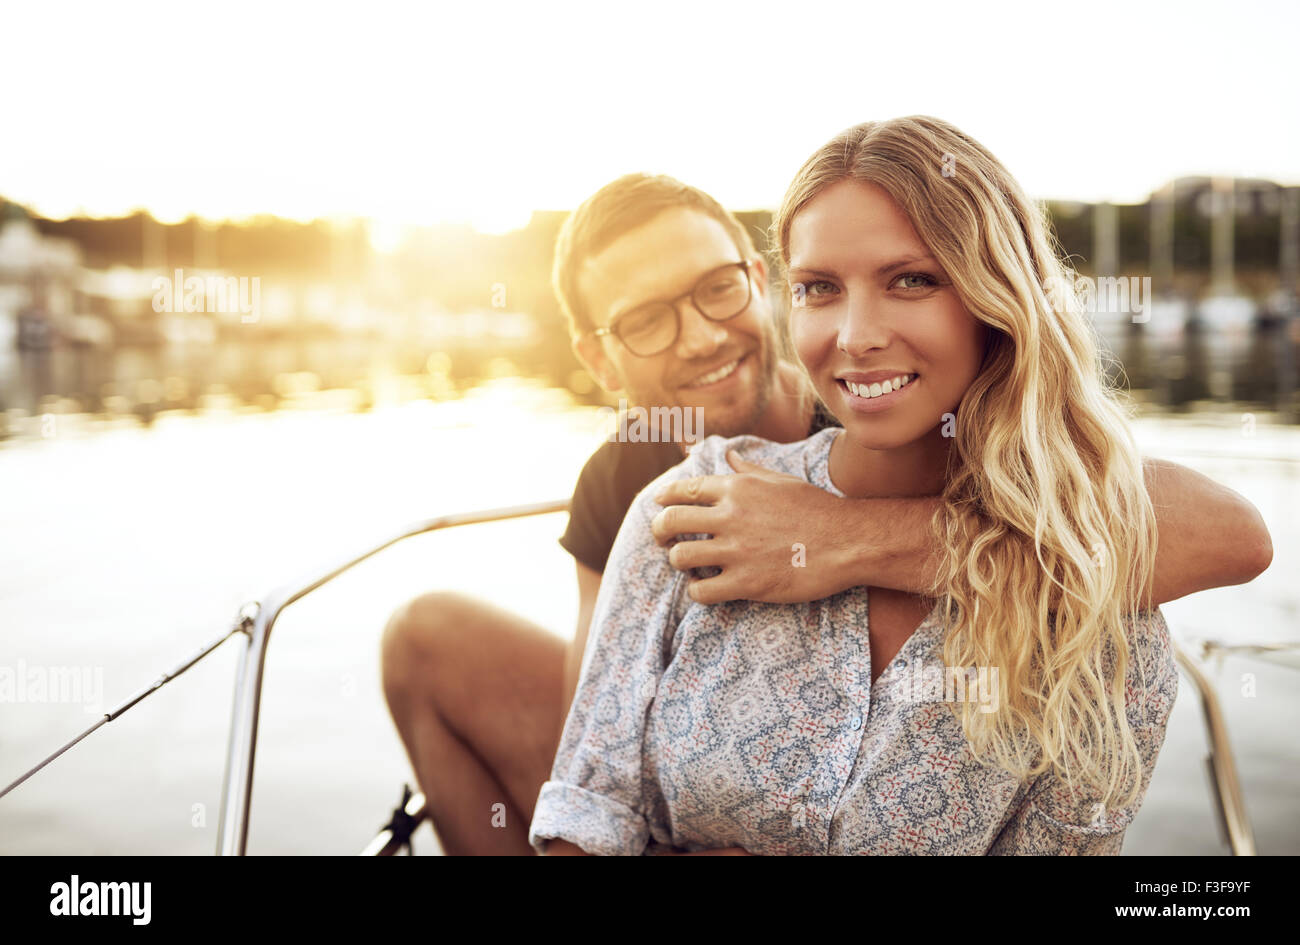 Jovem casal no amor sentado fora em um dia quente de verão Imagens de Stock